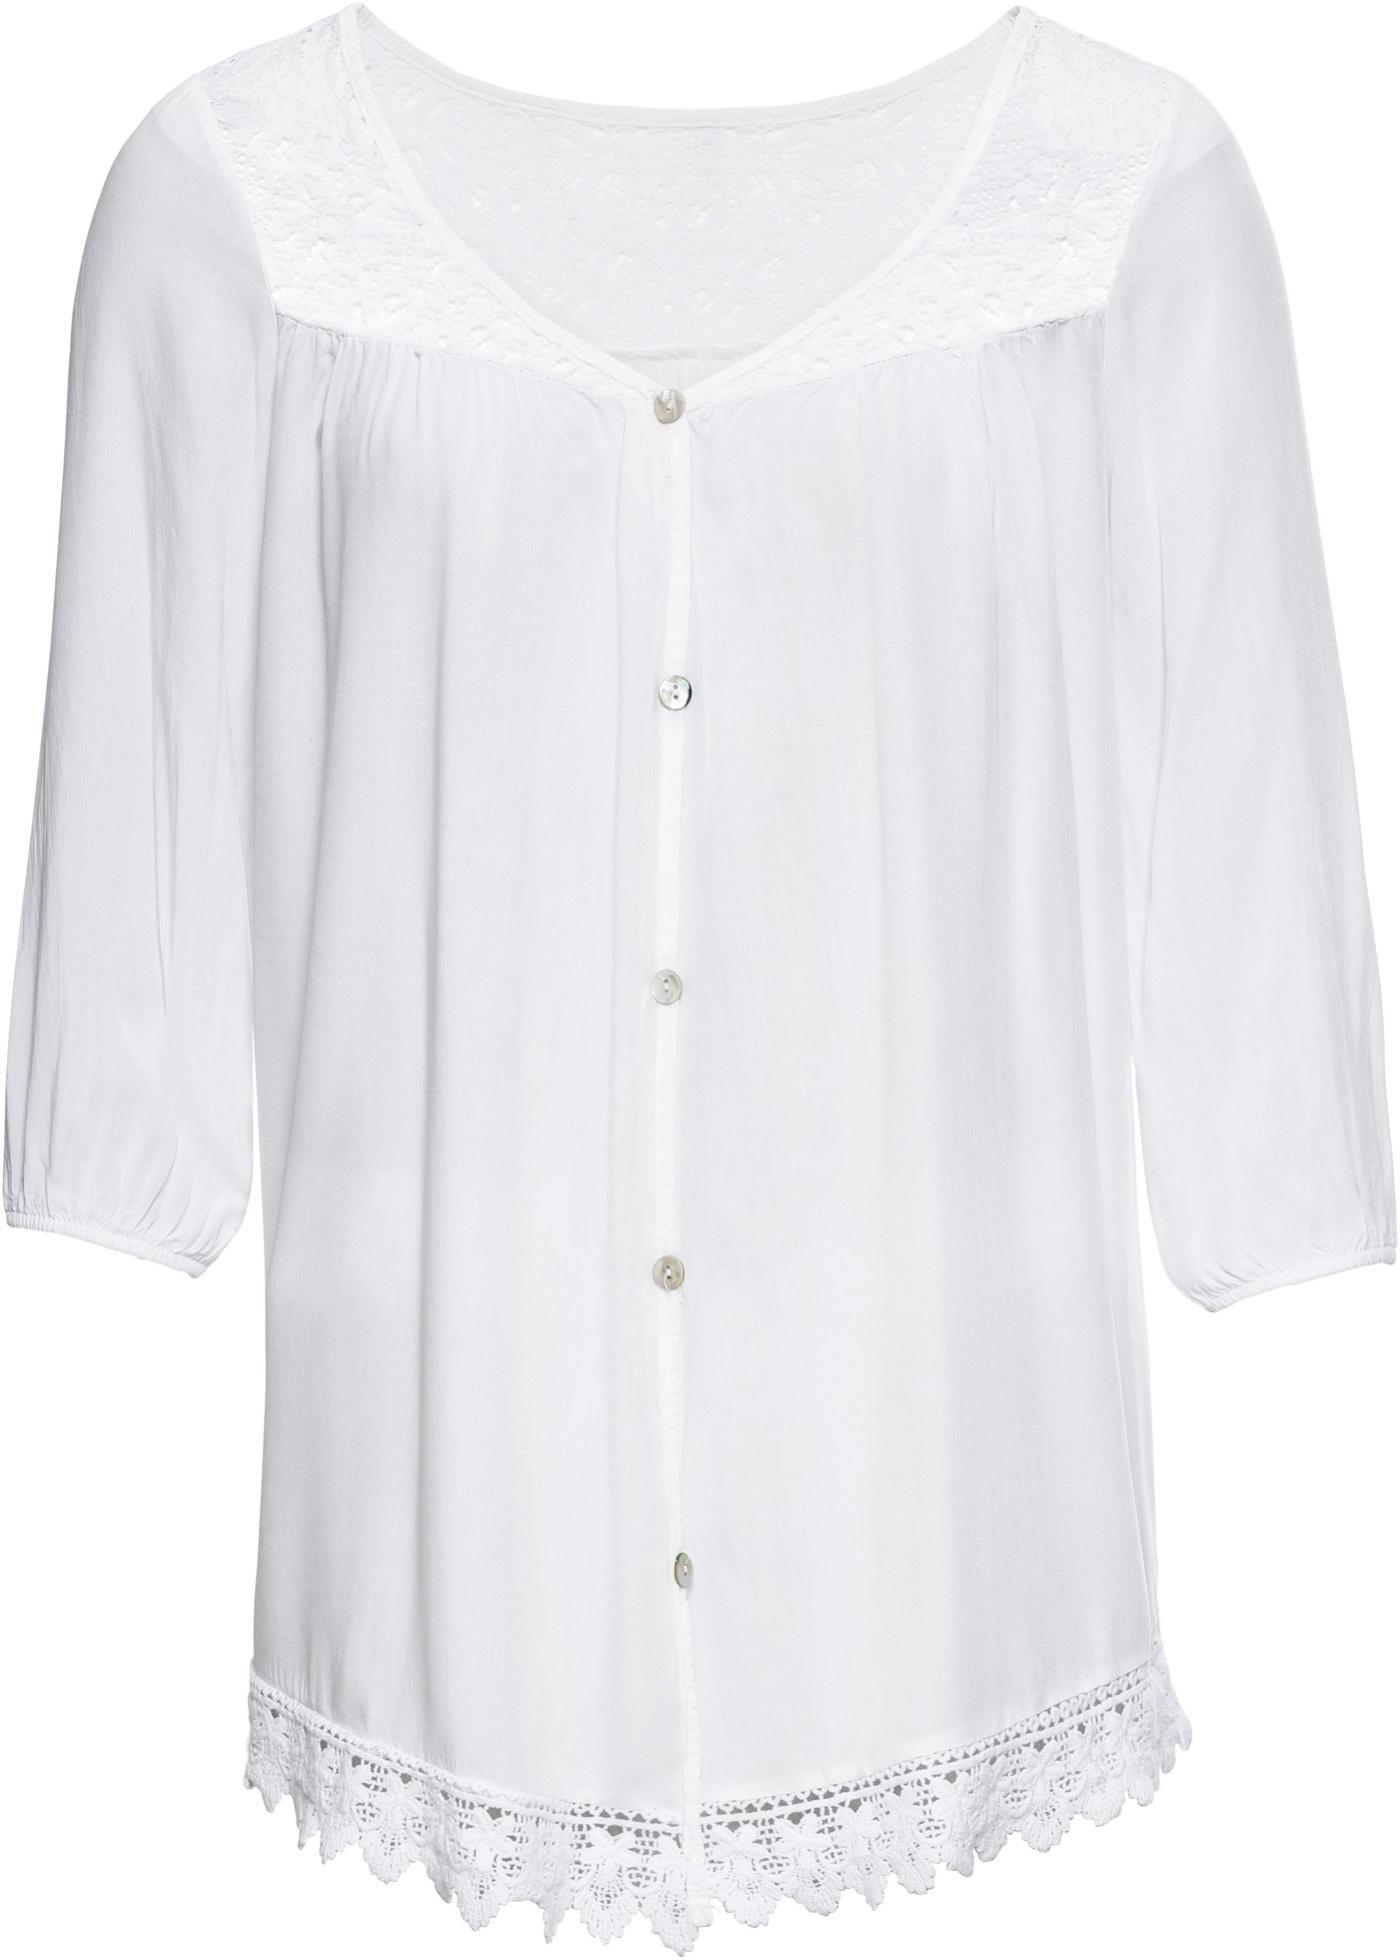 Bluse mit Spitze 3/4 Arm  in weiß für Damen von bonprix